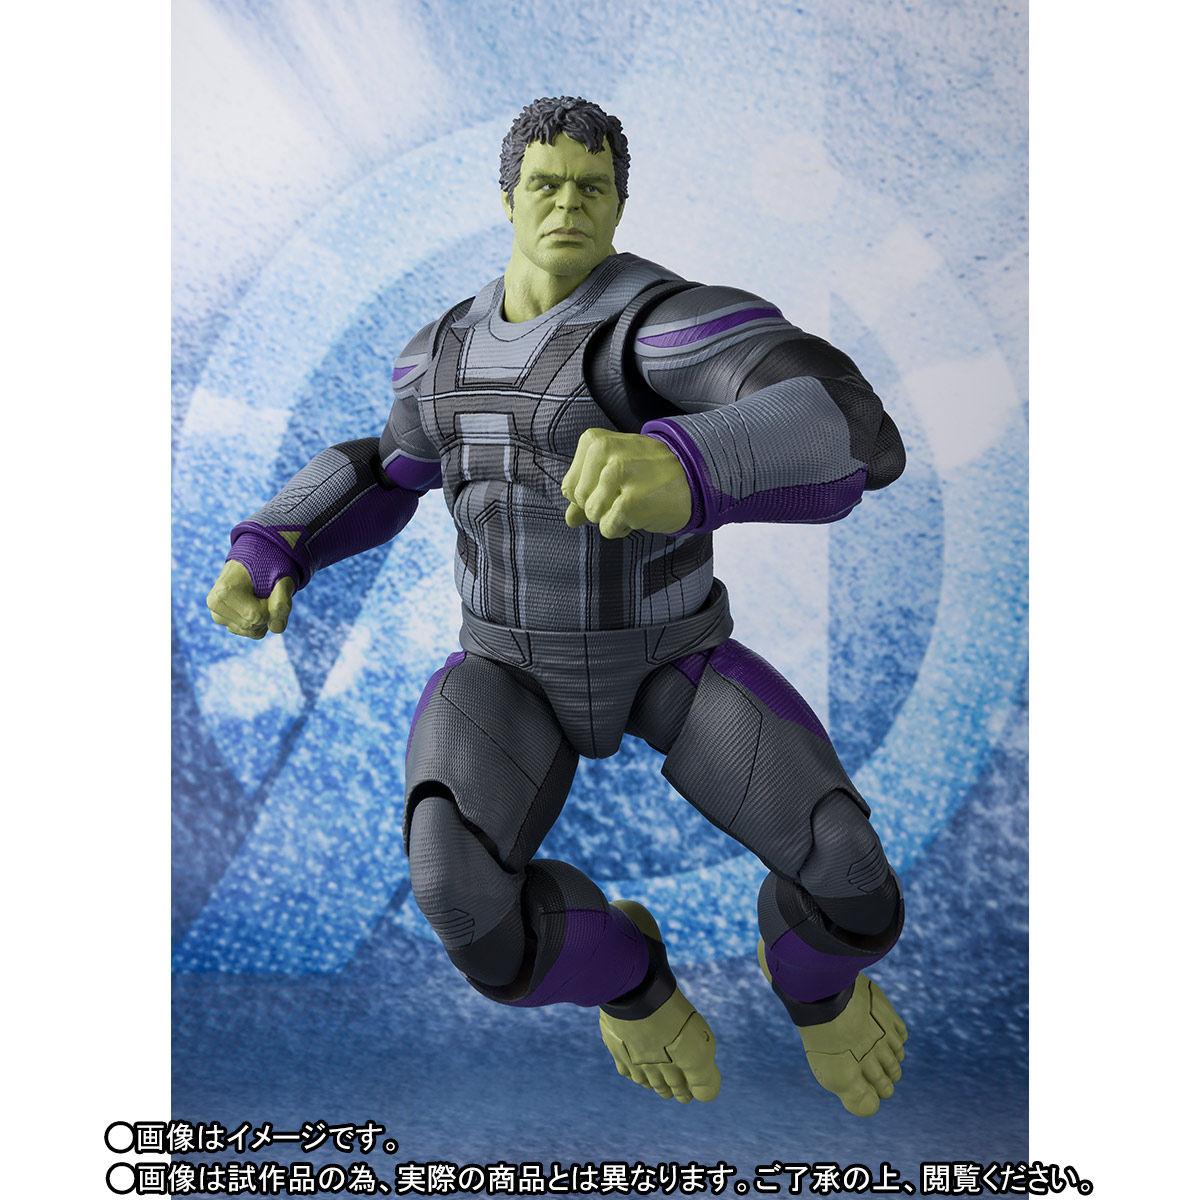 [Comentários] Marvel S.H.Figuarts - Página 5 NiDdXou2_o